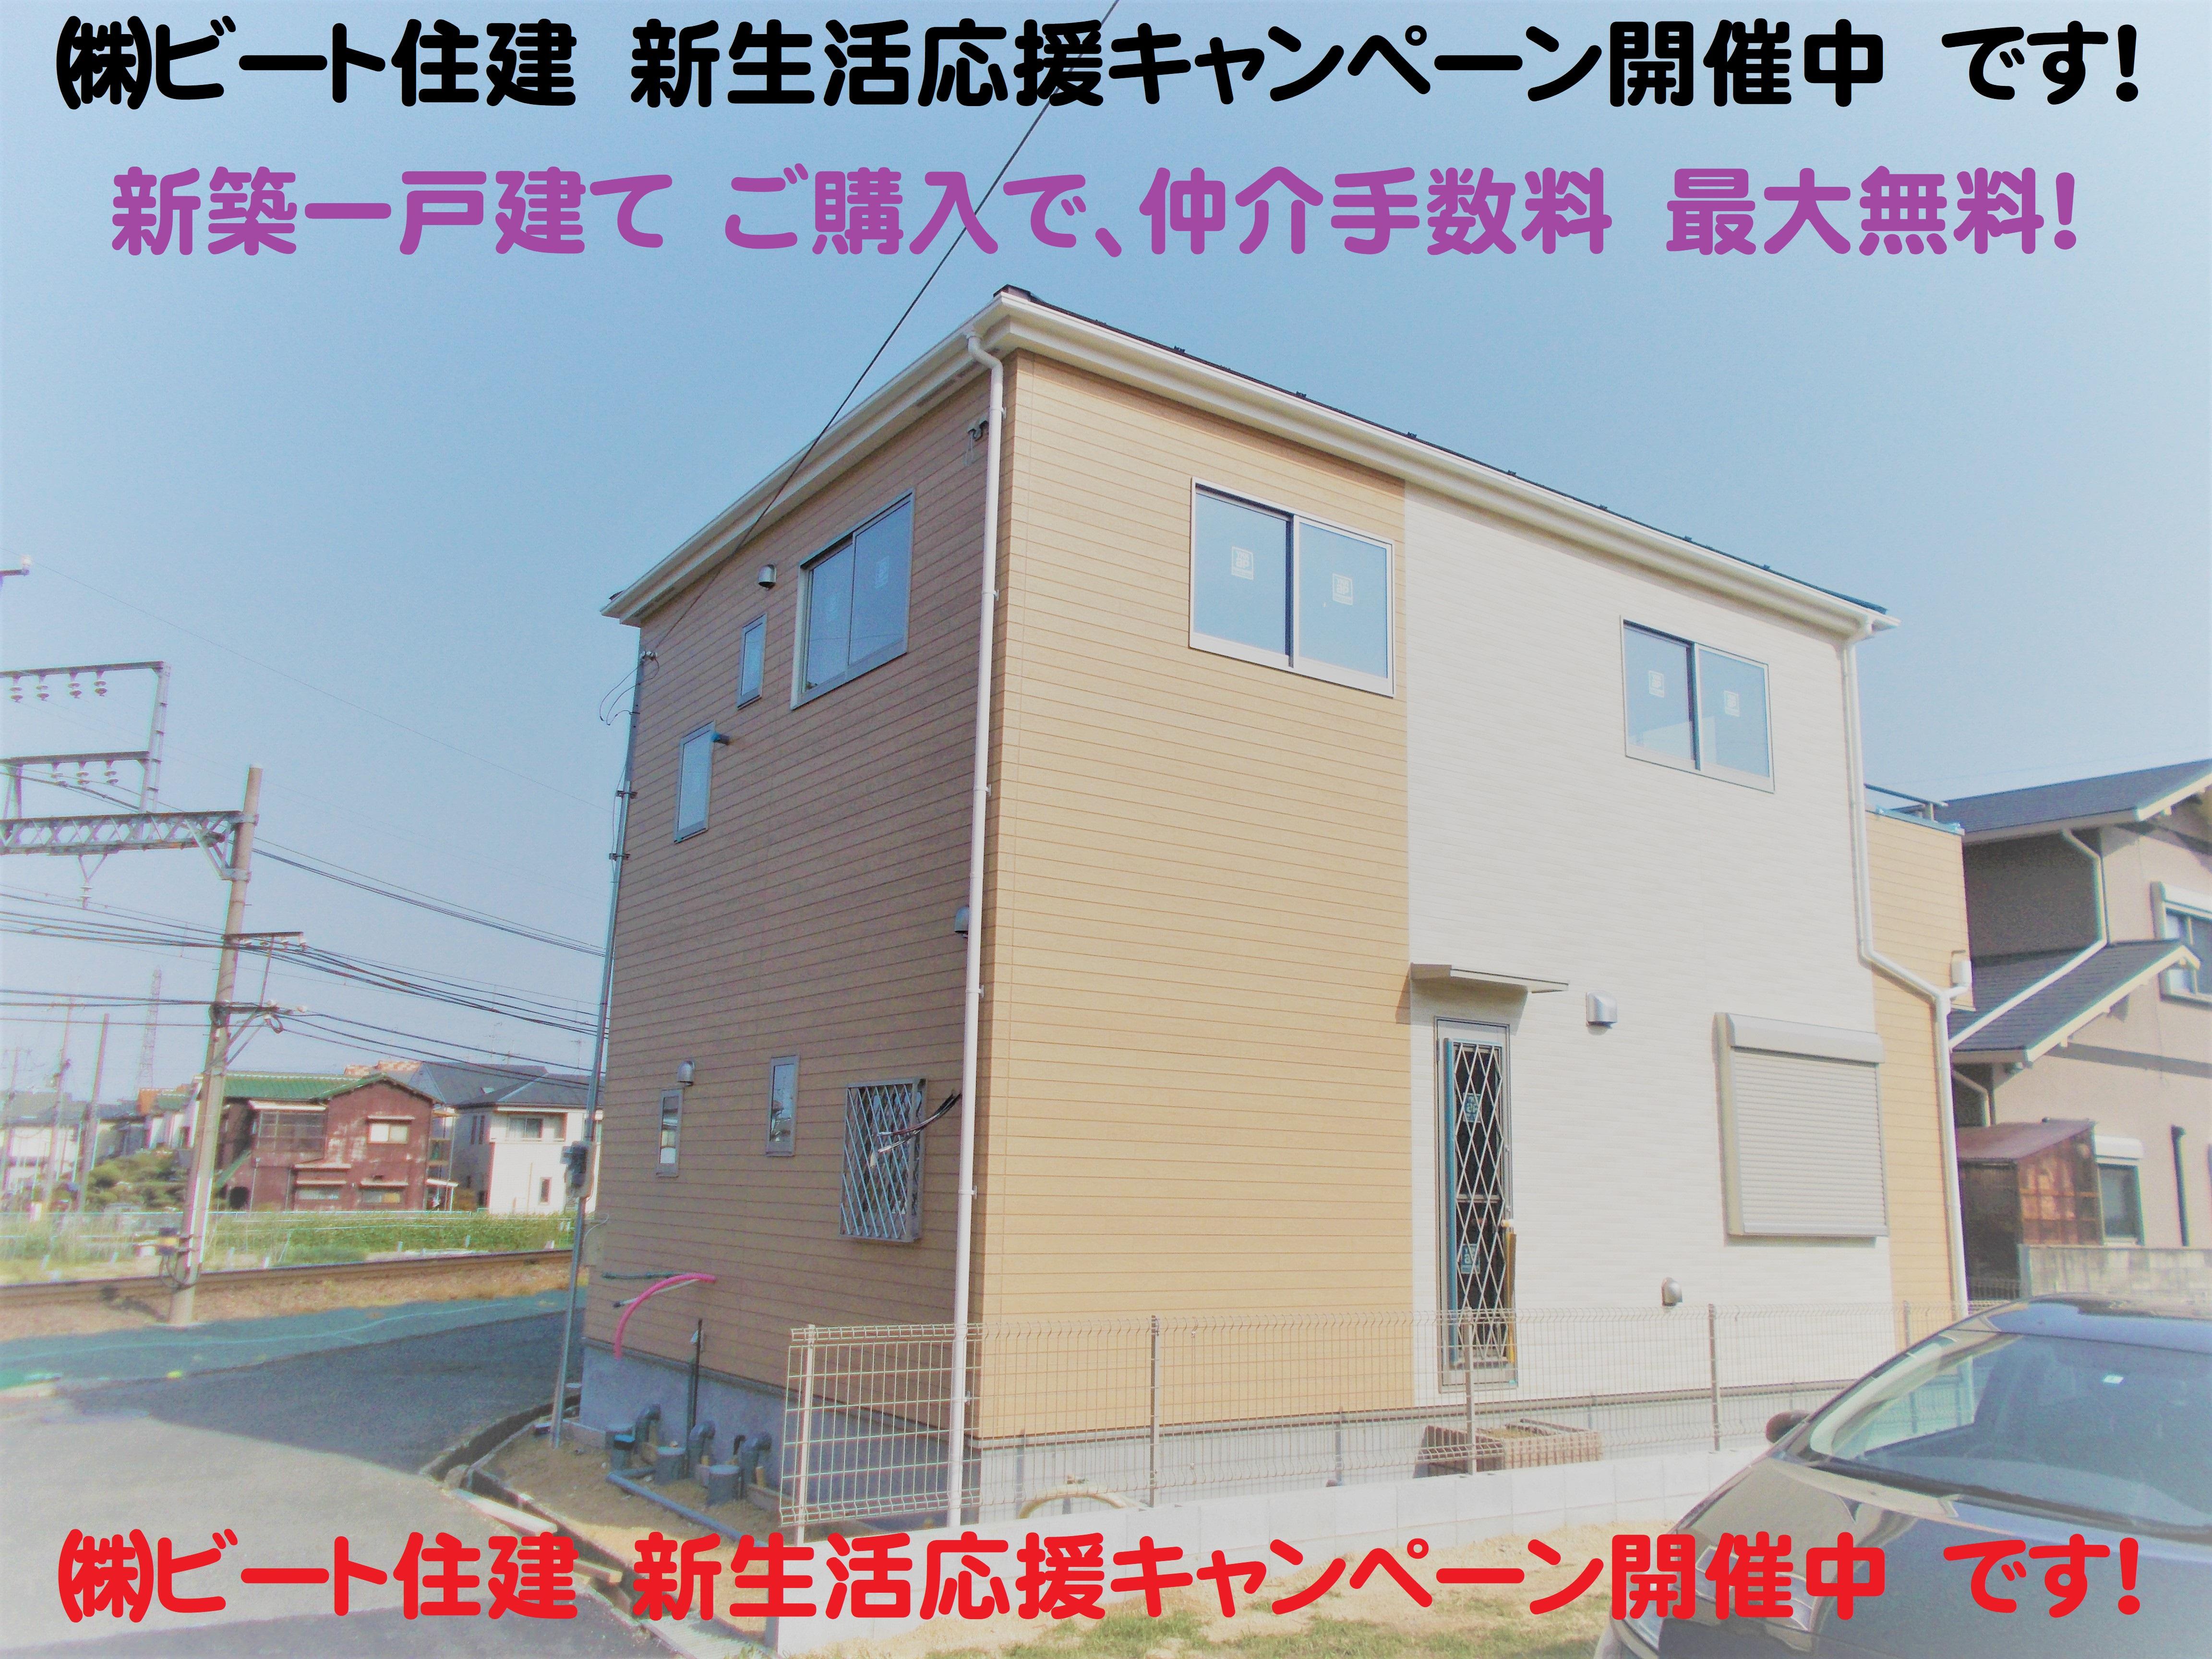 奈良県 葛城市 新築 お買い得 仲介手数料 大幅値引き ビート住建